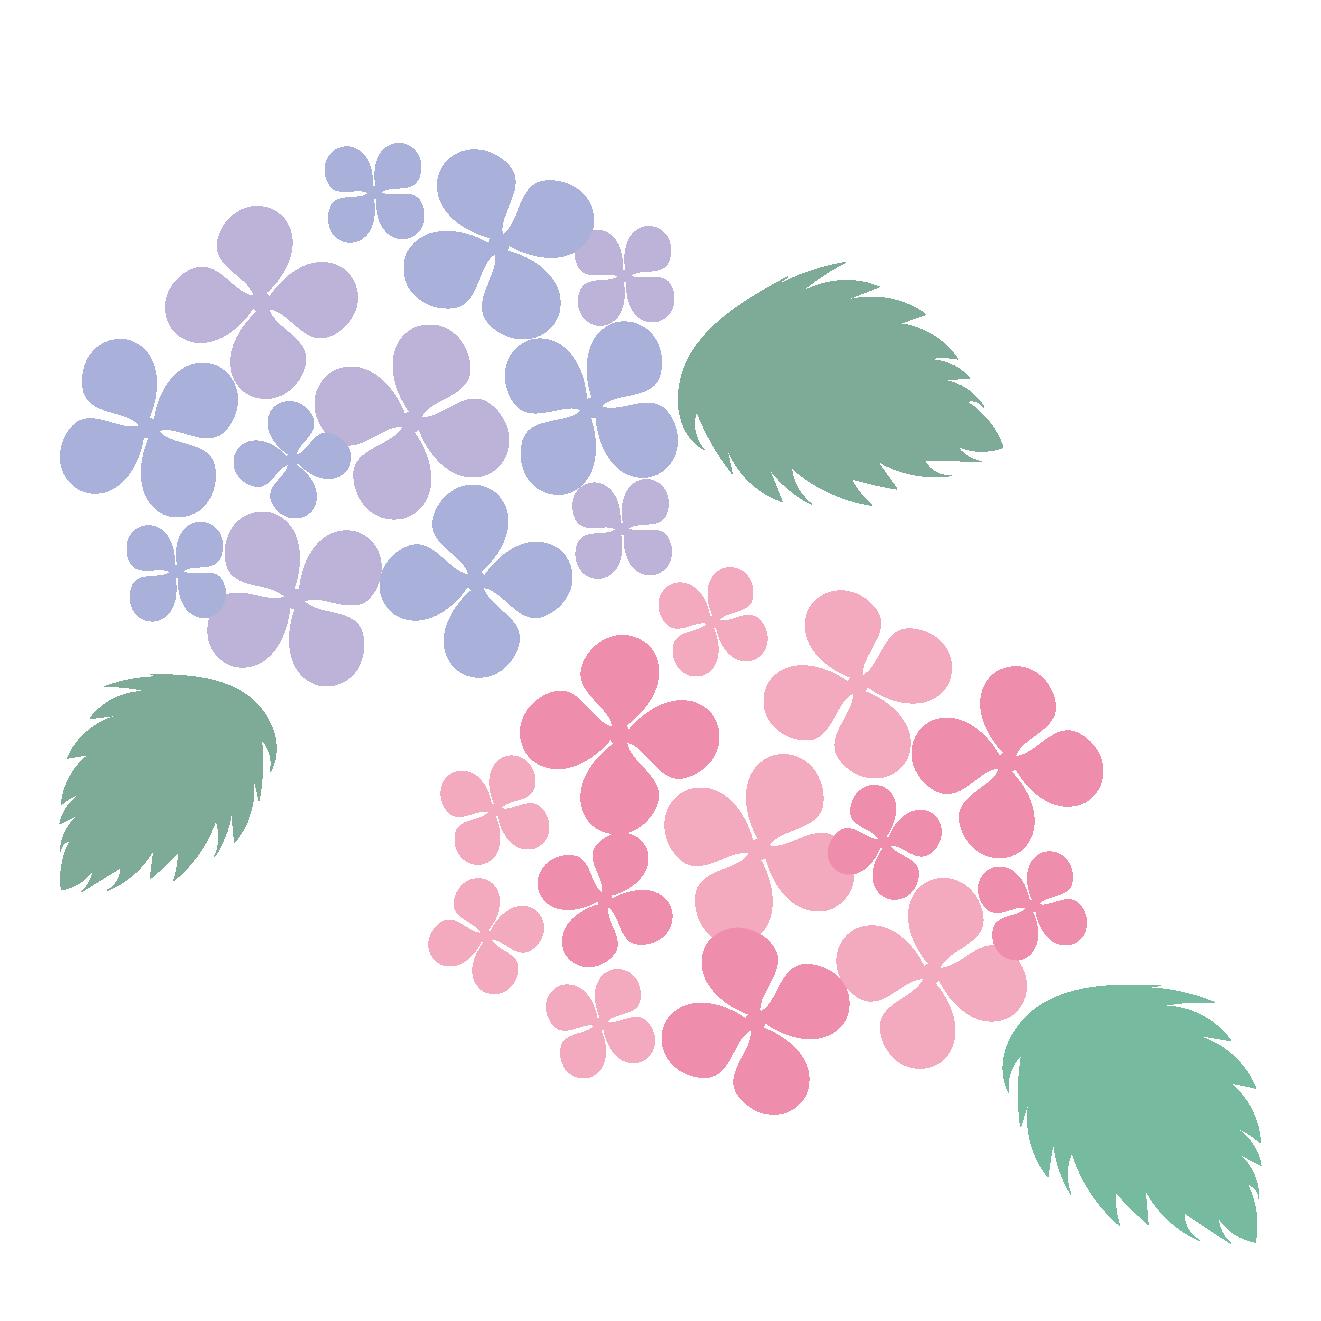 パステル調の紫陽花アジサイの花 フリー イラスト梅雨 商用